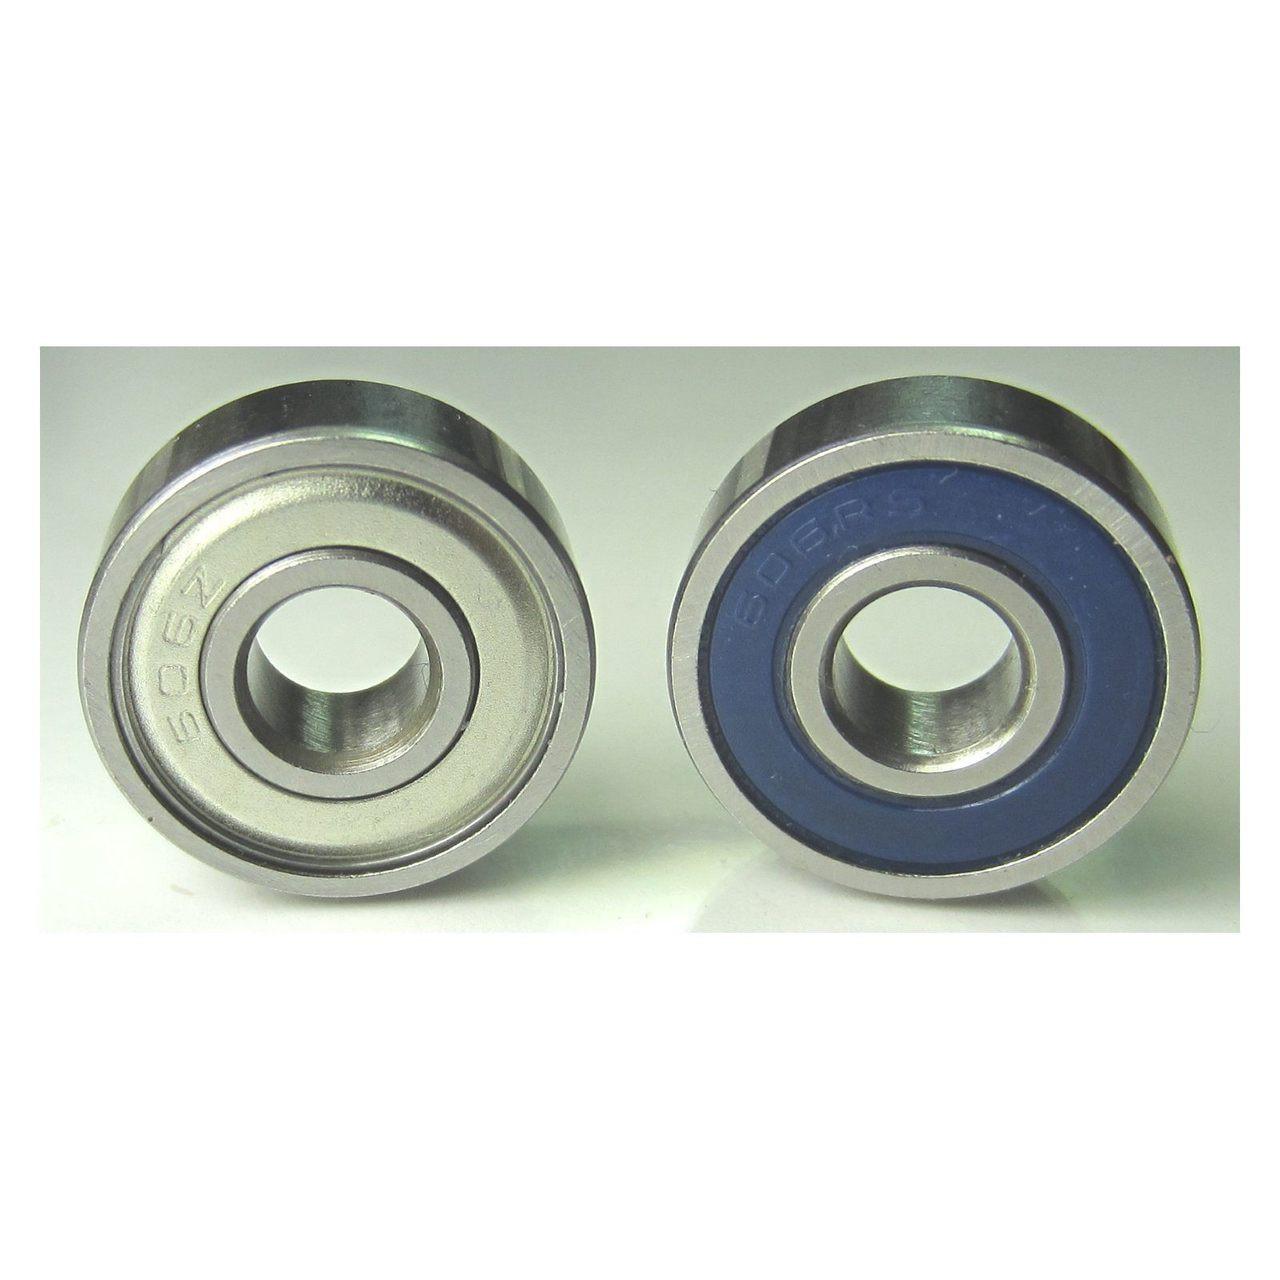 5x16x5mm Hybrid Ceramic Brushless Motor Ball Bearings 2